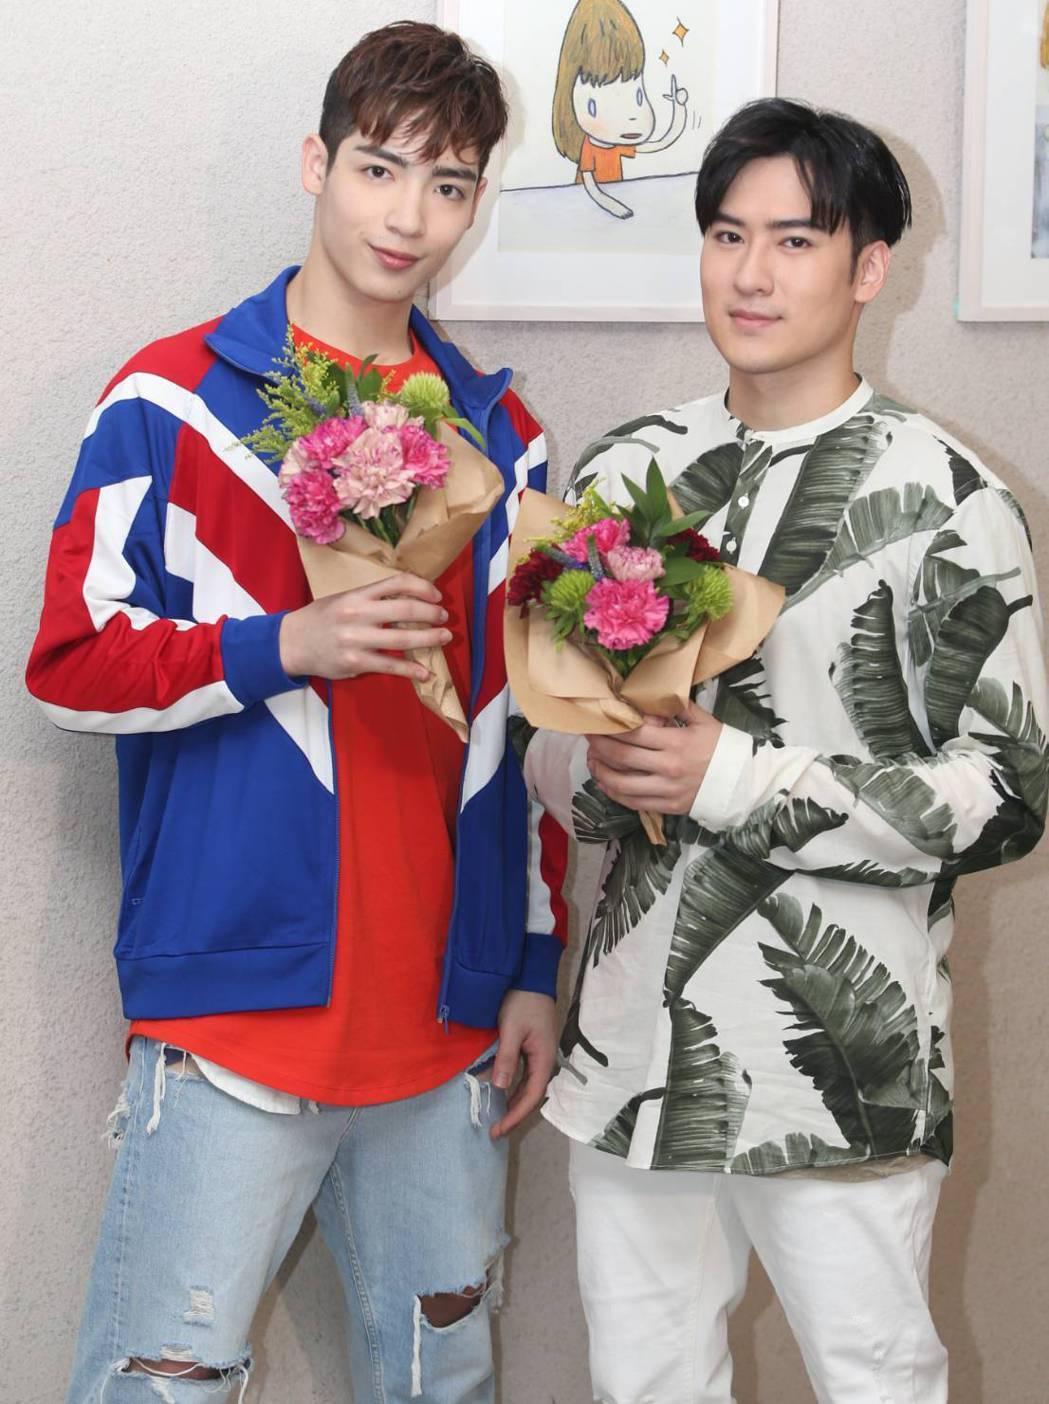 黃士杰(左)與沈建宏製作母親節花束。記者侯永全/攝影